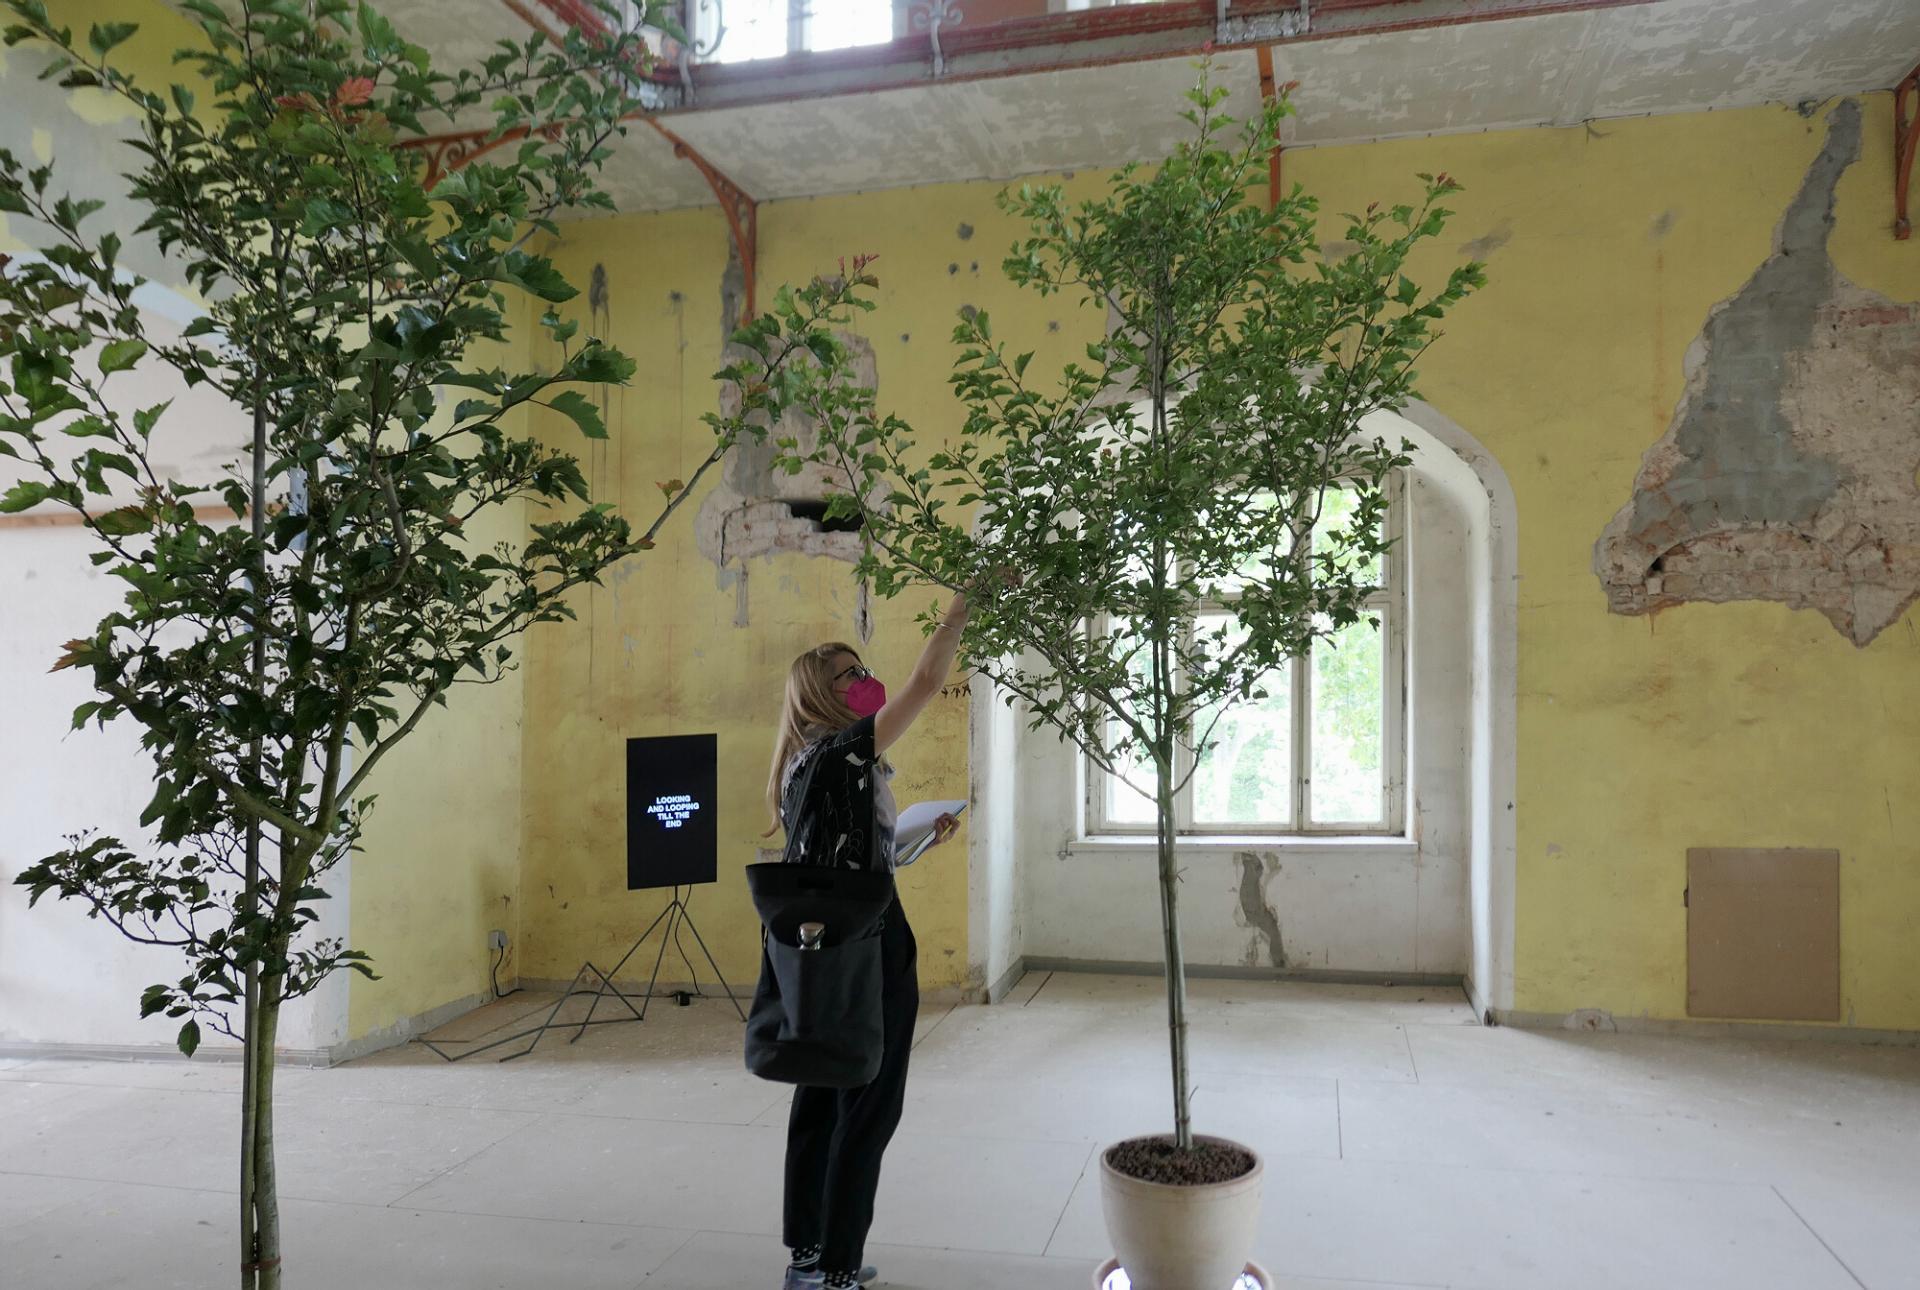 """""""Wish Tree"""": Seit 1996 lädt Yoko Ono Menschen aus der ganzen Welt ein, ihre persönlichen Wünsche aufzuschreiben und an einen Baum zu binden - wie hier in der ehemaligen Bibliothek. Die Schlossgärtnerei kümmert sich um die Pflege der Bäume. Foto: Ingrid Hoberg"""